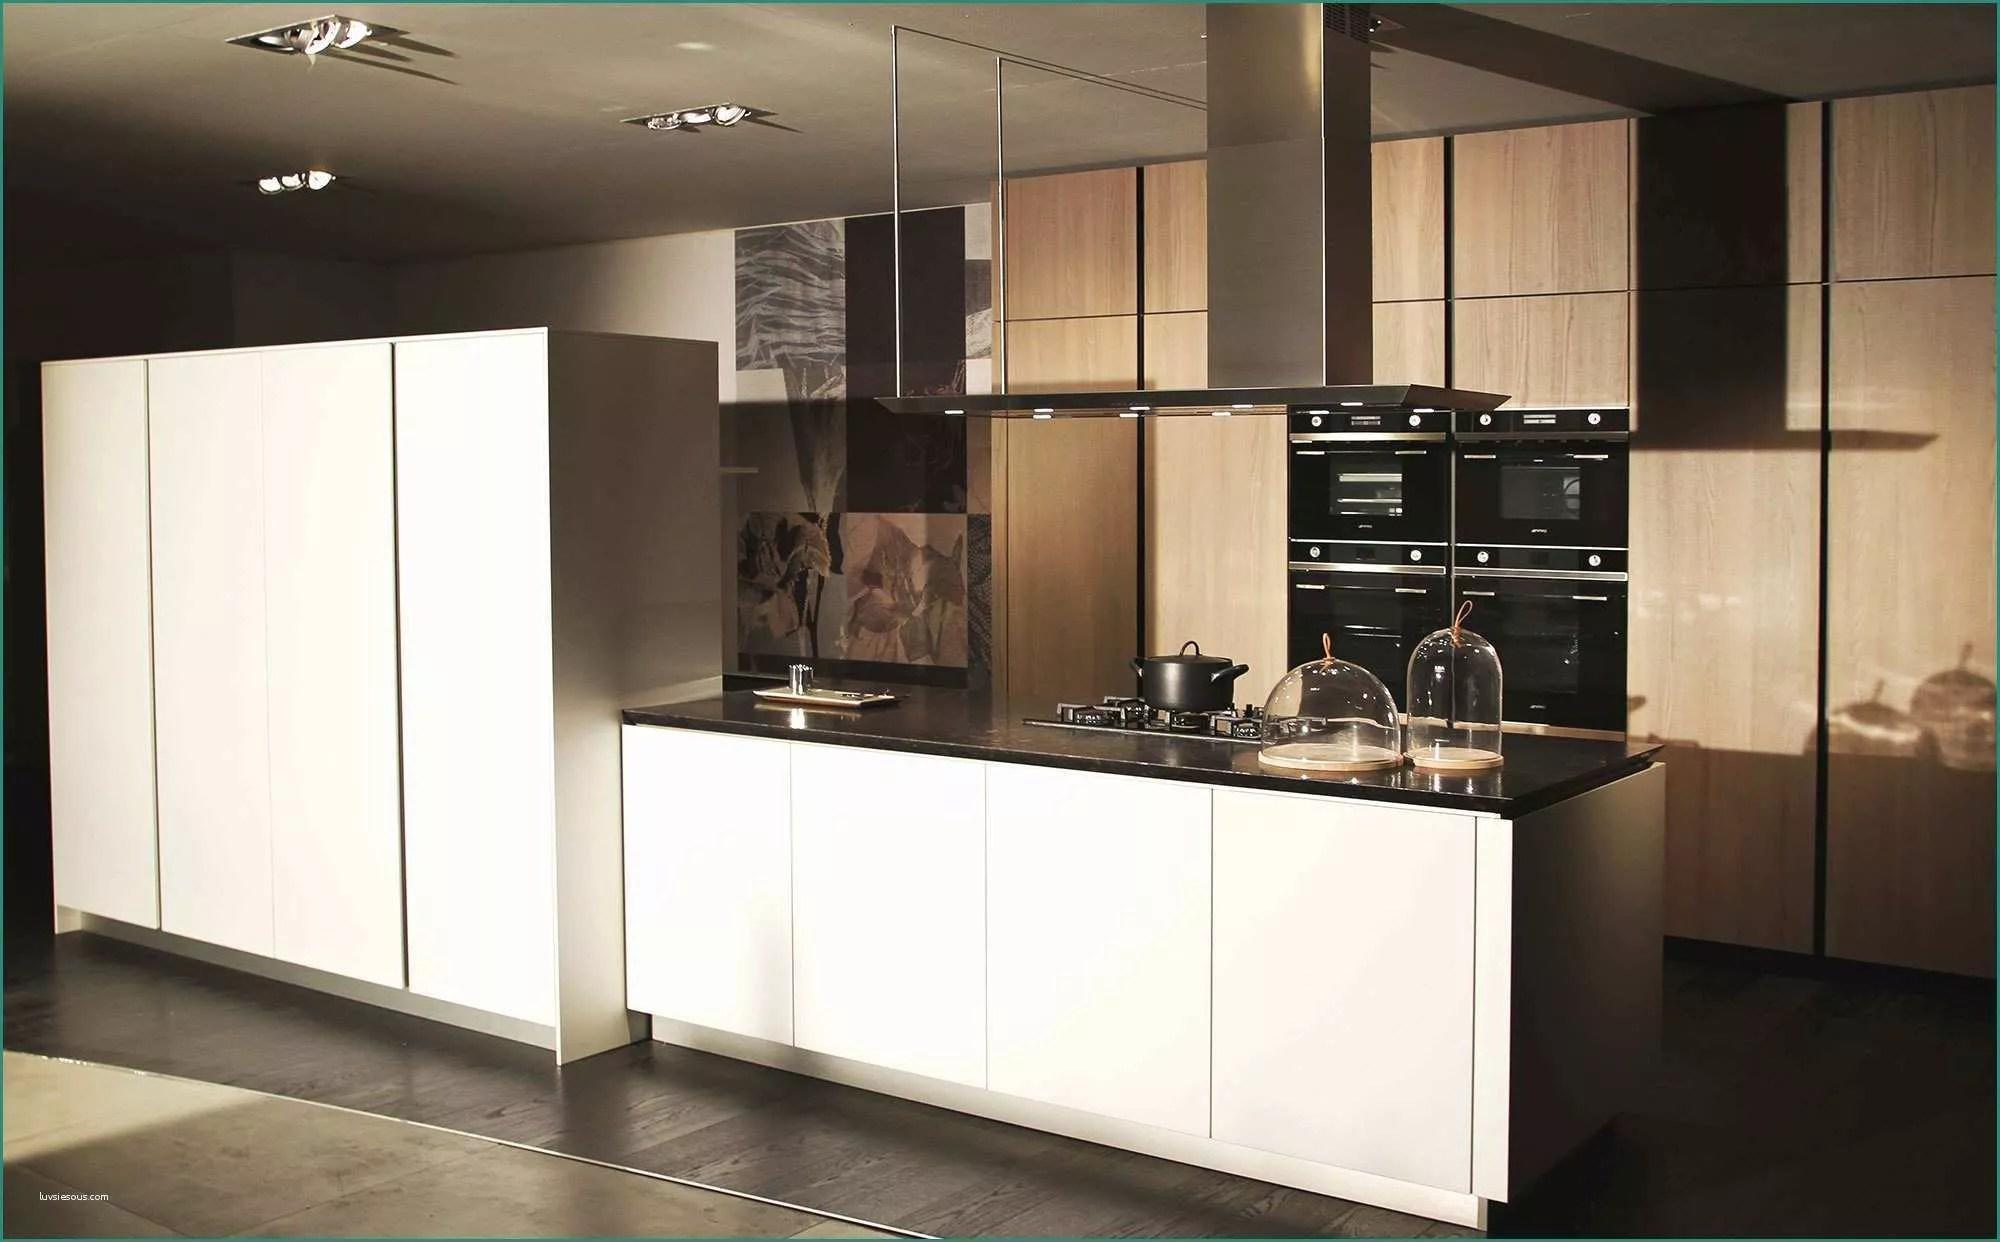 Cucina Snaidero Prezzi | Cucina Snaidero Ola 20 Design Laccato Opaco ...